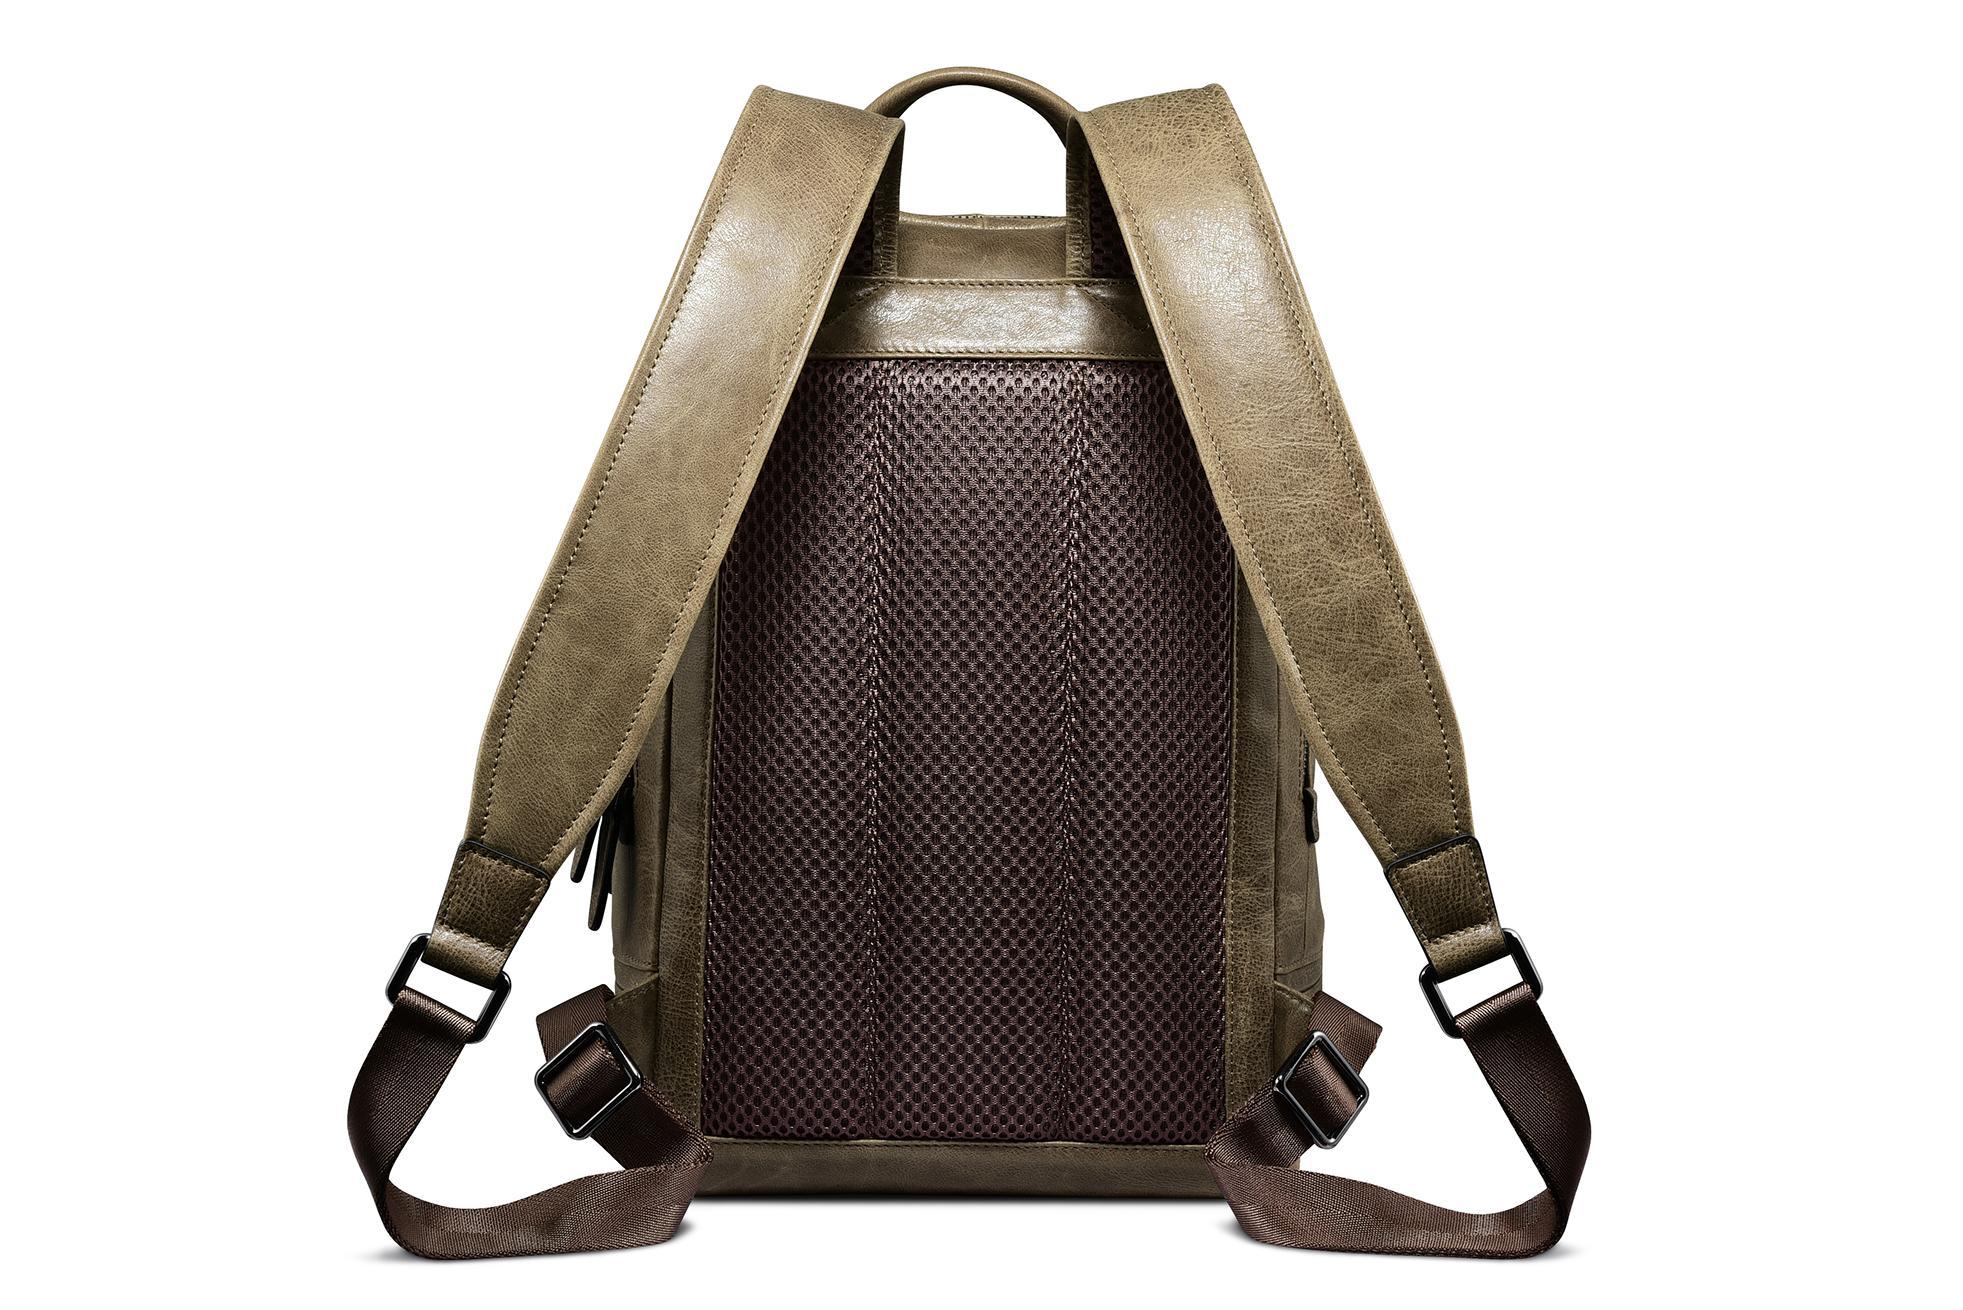 iCarer Shenzhou Real Leather Backpack 4